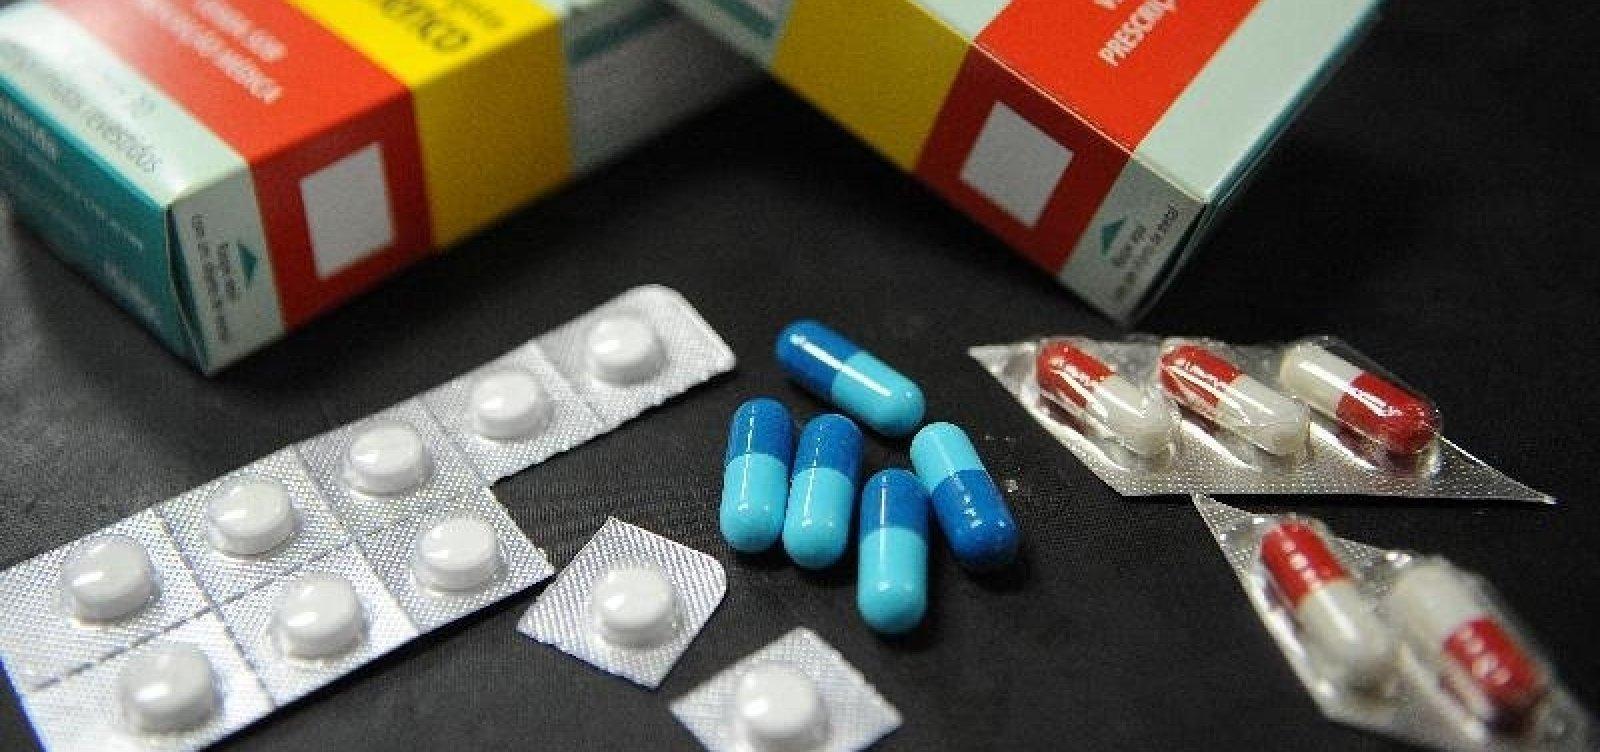 Antiinflamatório é eficaz na redução de mortes de pacientes graves internados com Covid-19, diz estudo